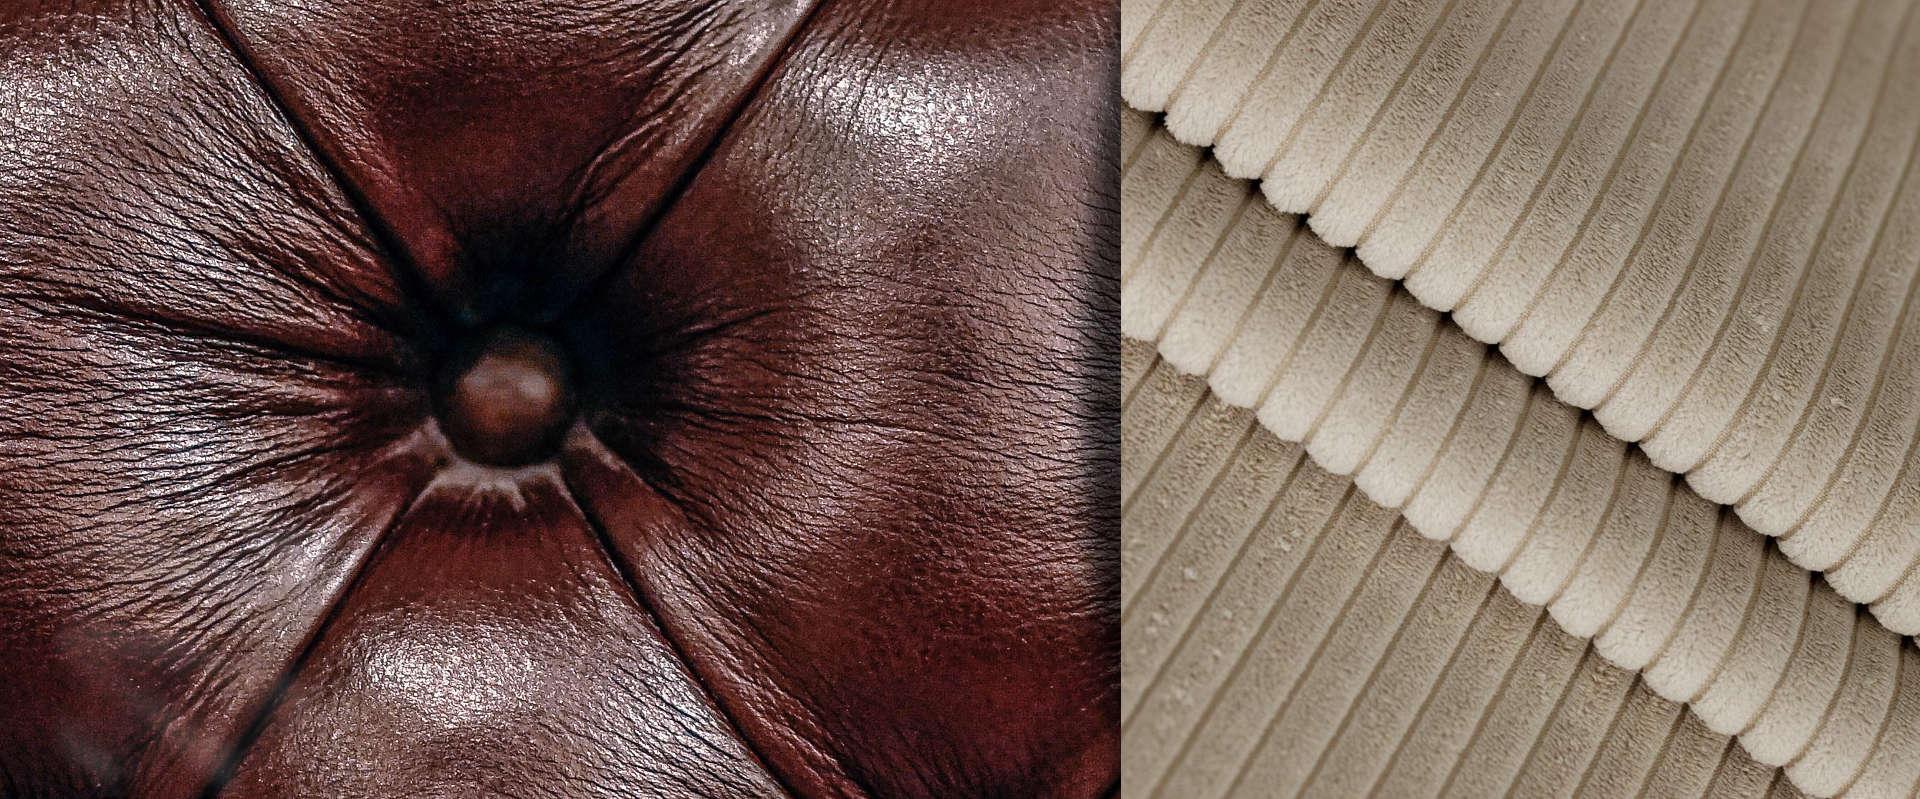 Ekoskóra czy tkanina materiałowa